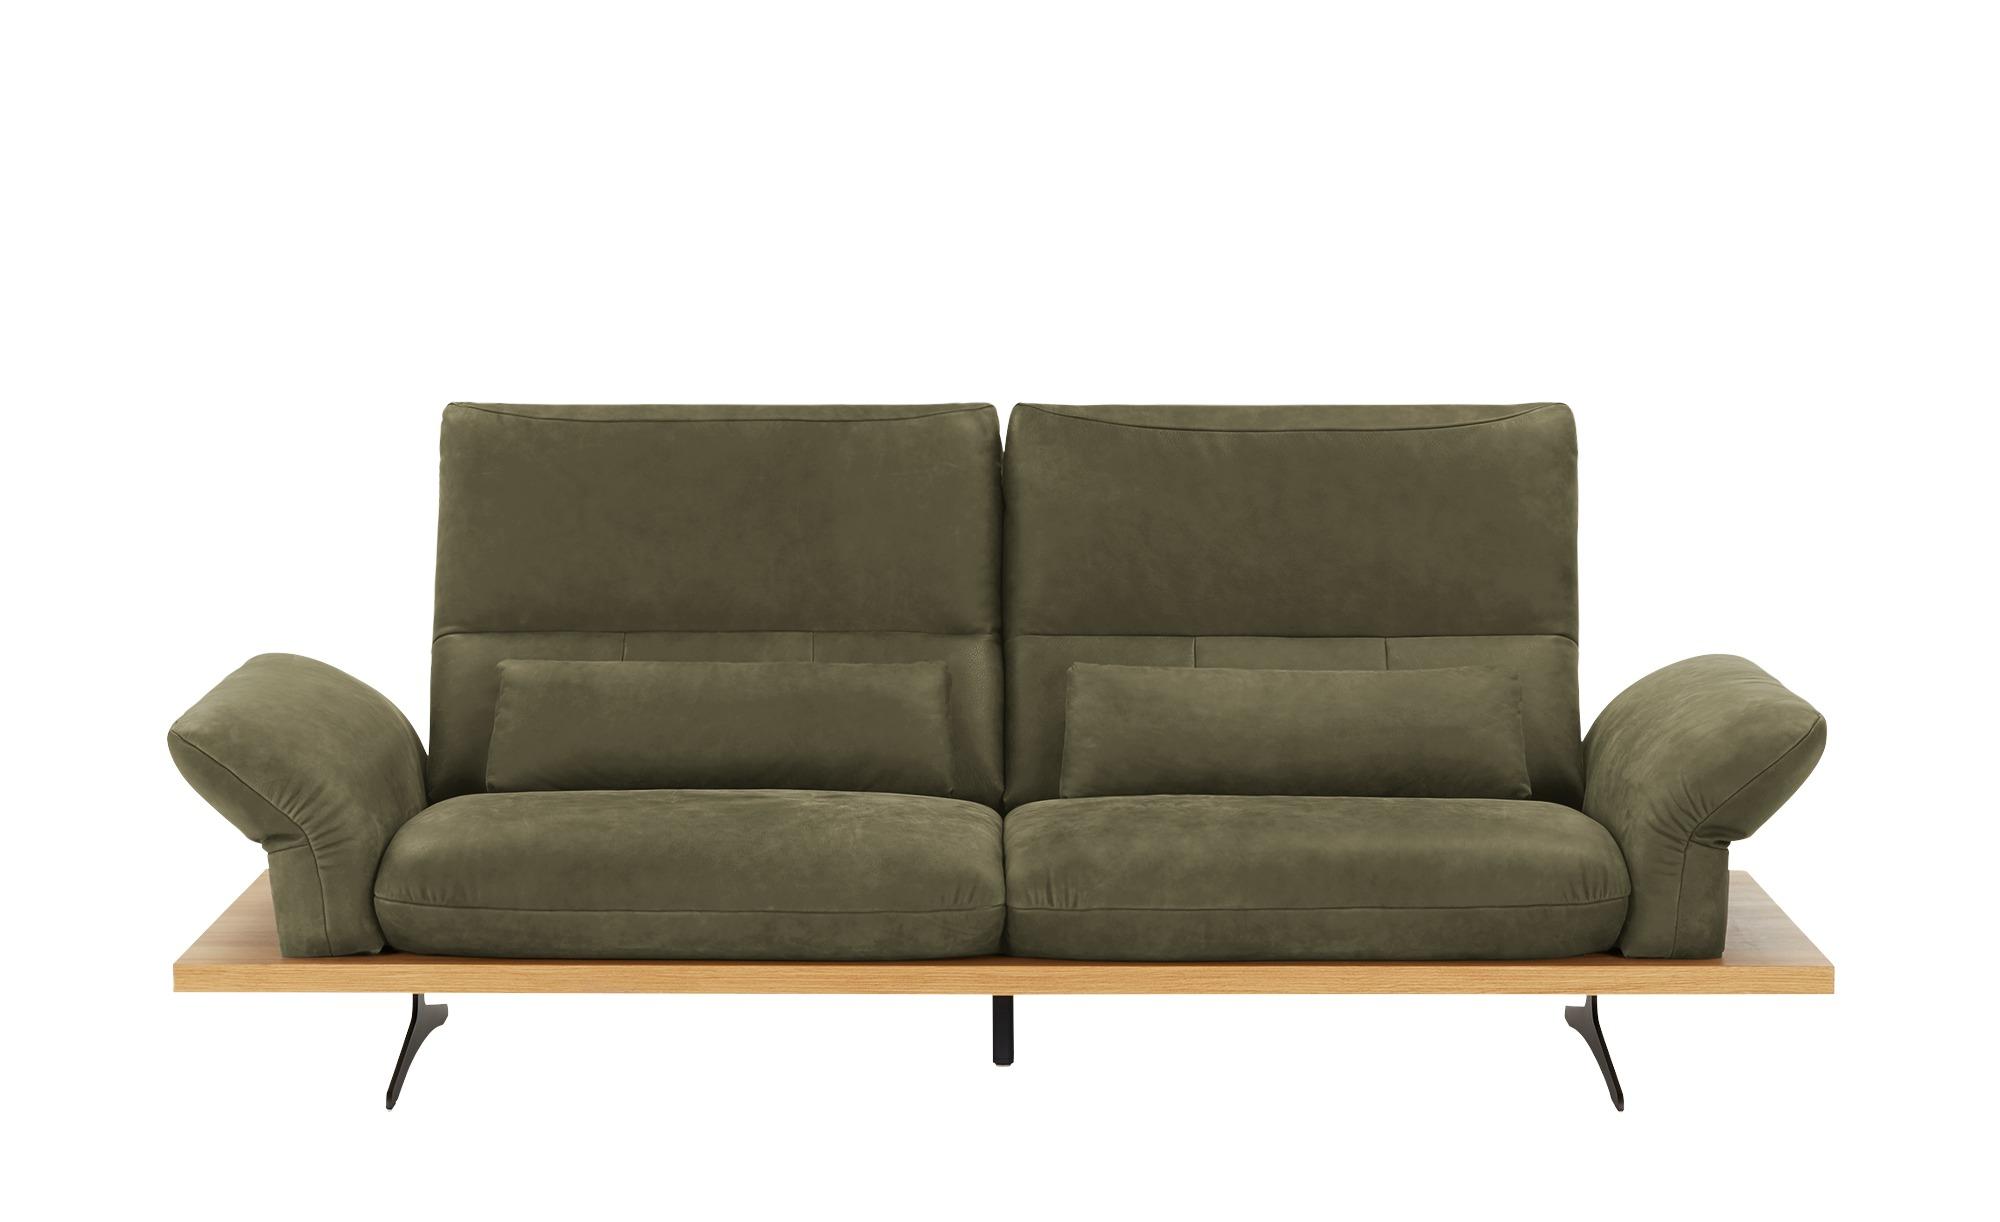 W.SCHILLIG Leder Sofa  Imperia ¦ grün ¦ Maße (cm): B: 220 H: 71 T: 99 Polstermöbel > Sofas > Einzelsofas - Höffner